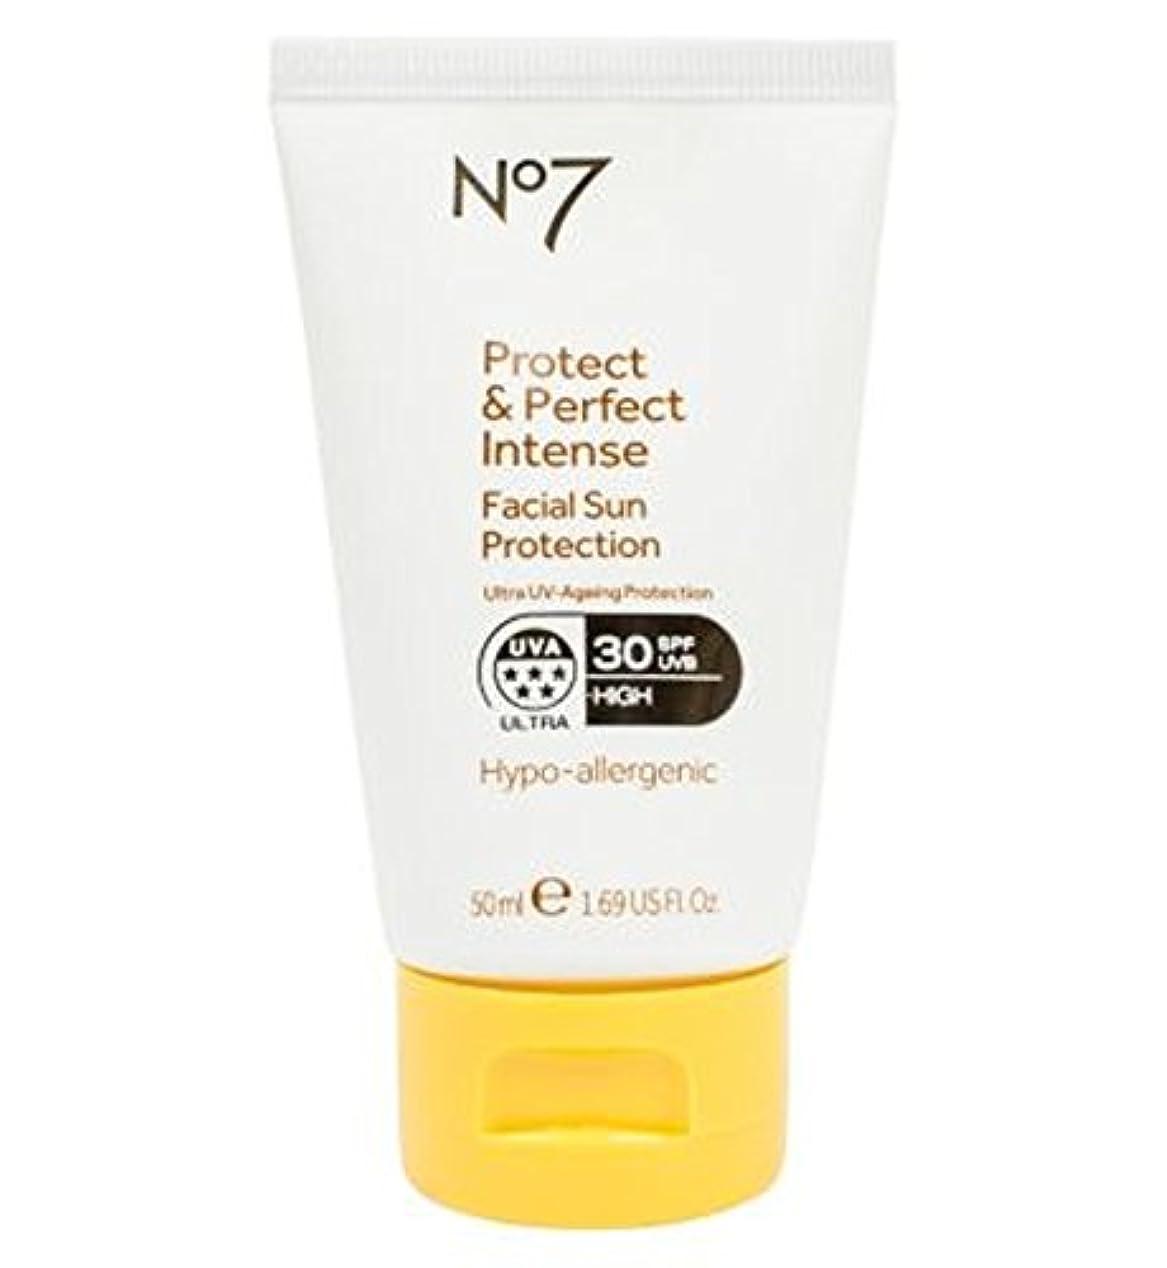 はしご海外支出No7 Protect & Perfect Intense Facial Sun Protection SPF 30 50ml - No7保護&完璧な強烈な顔の日焼け防止Spf 30 50ミリリットル (No7) [並行輸入品]